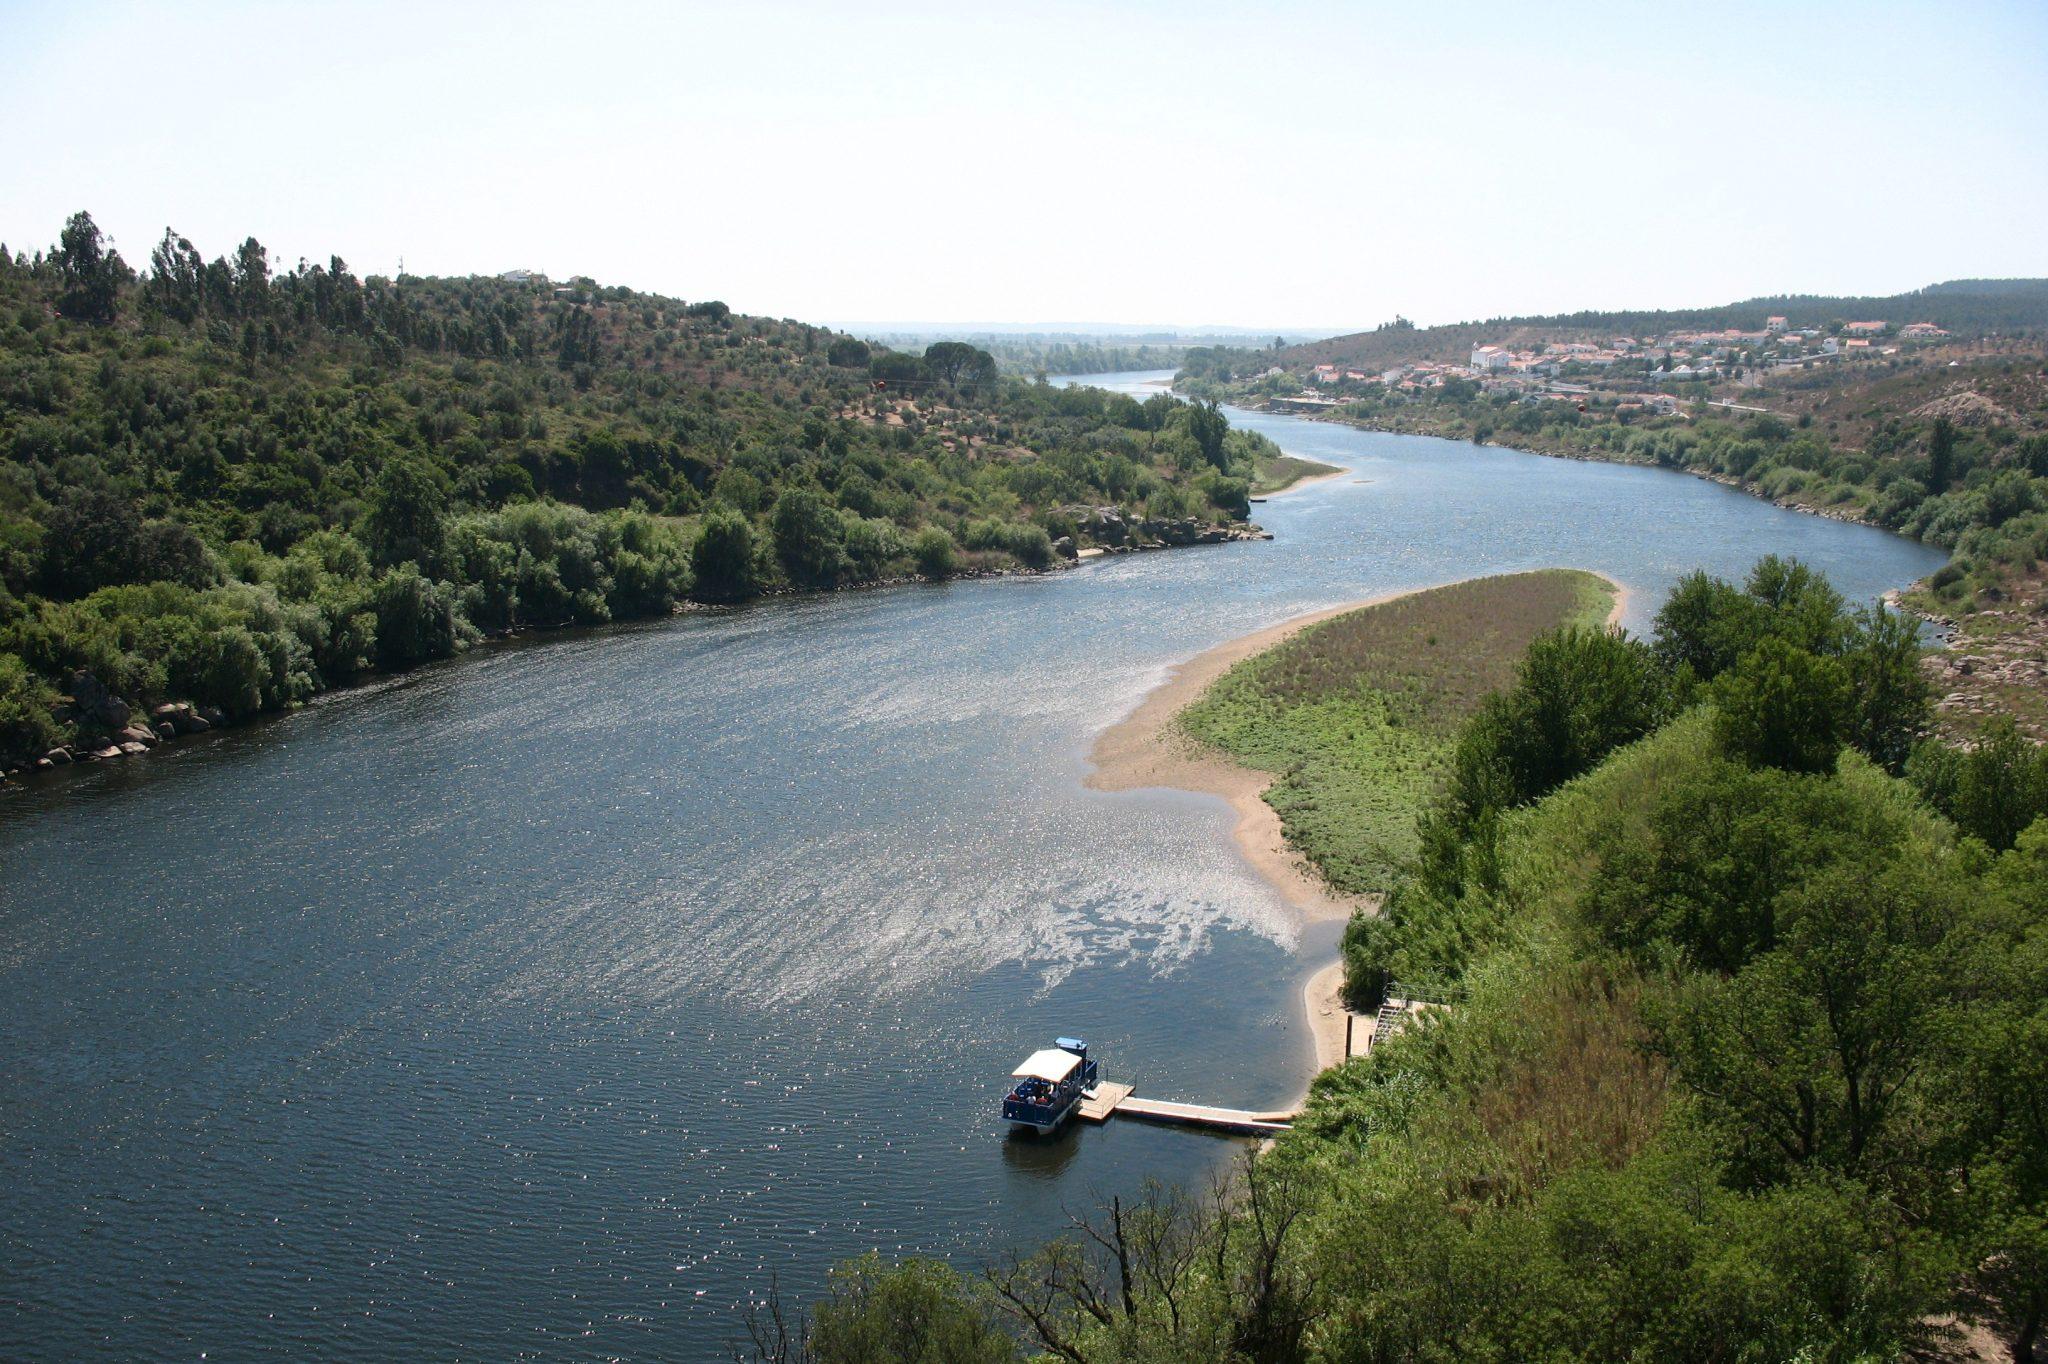 Vista do Rio Tejo a partir do Castelo de Almourol